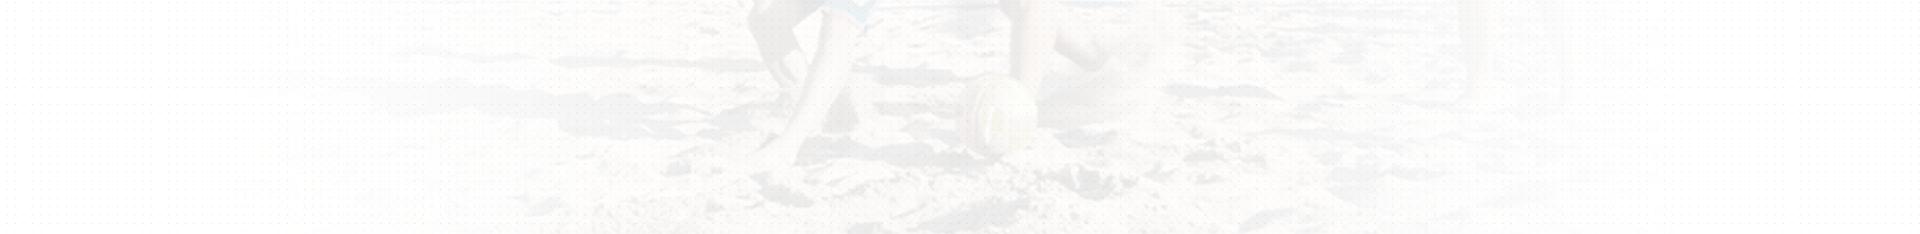 Plážová házená